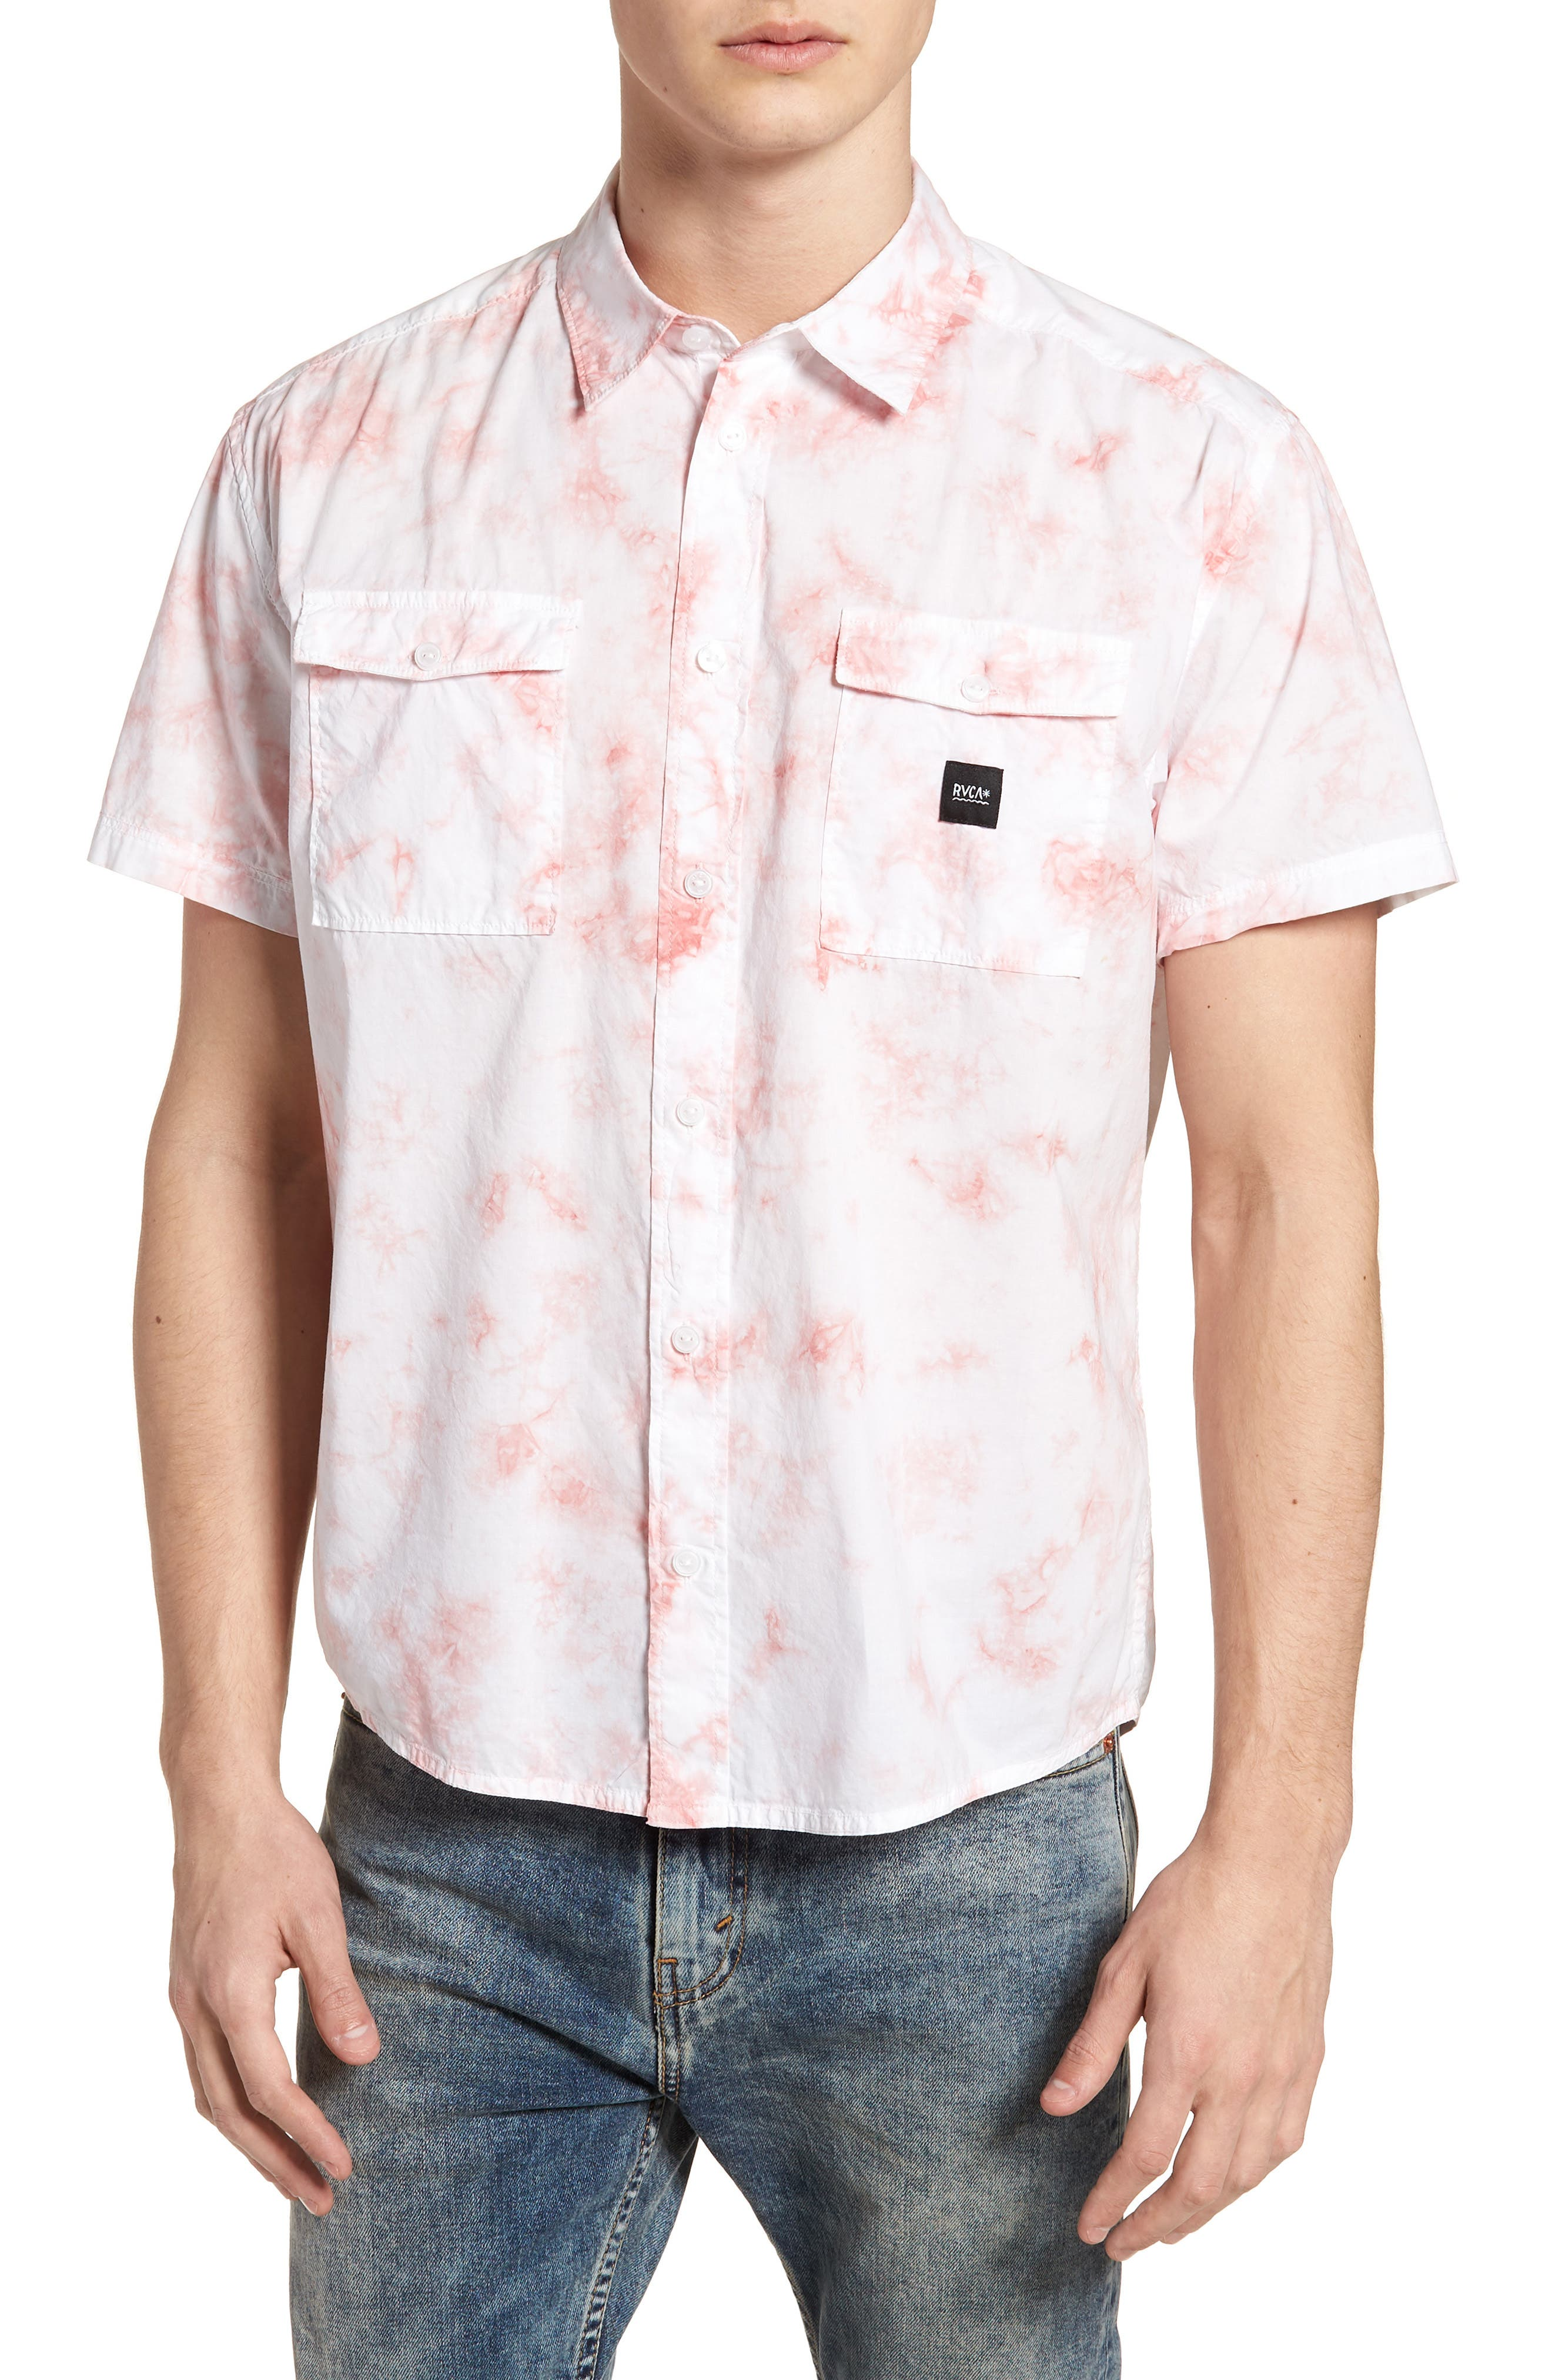 RVCA Destroy Woven Shirt